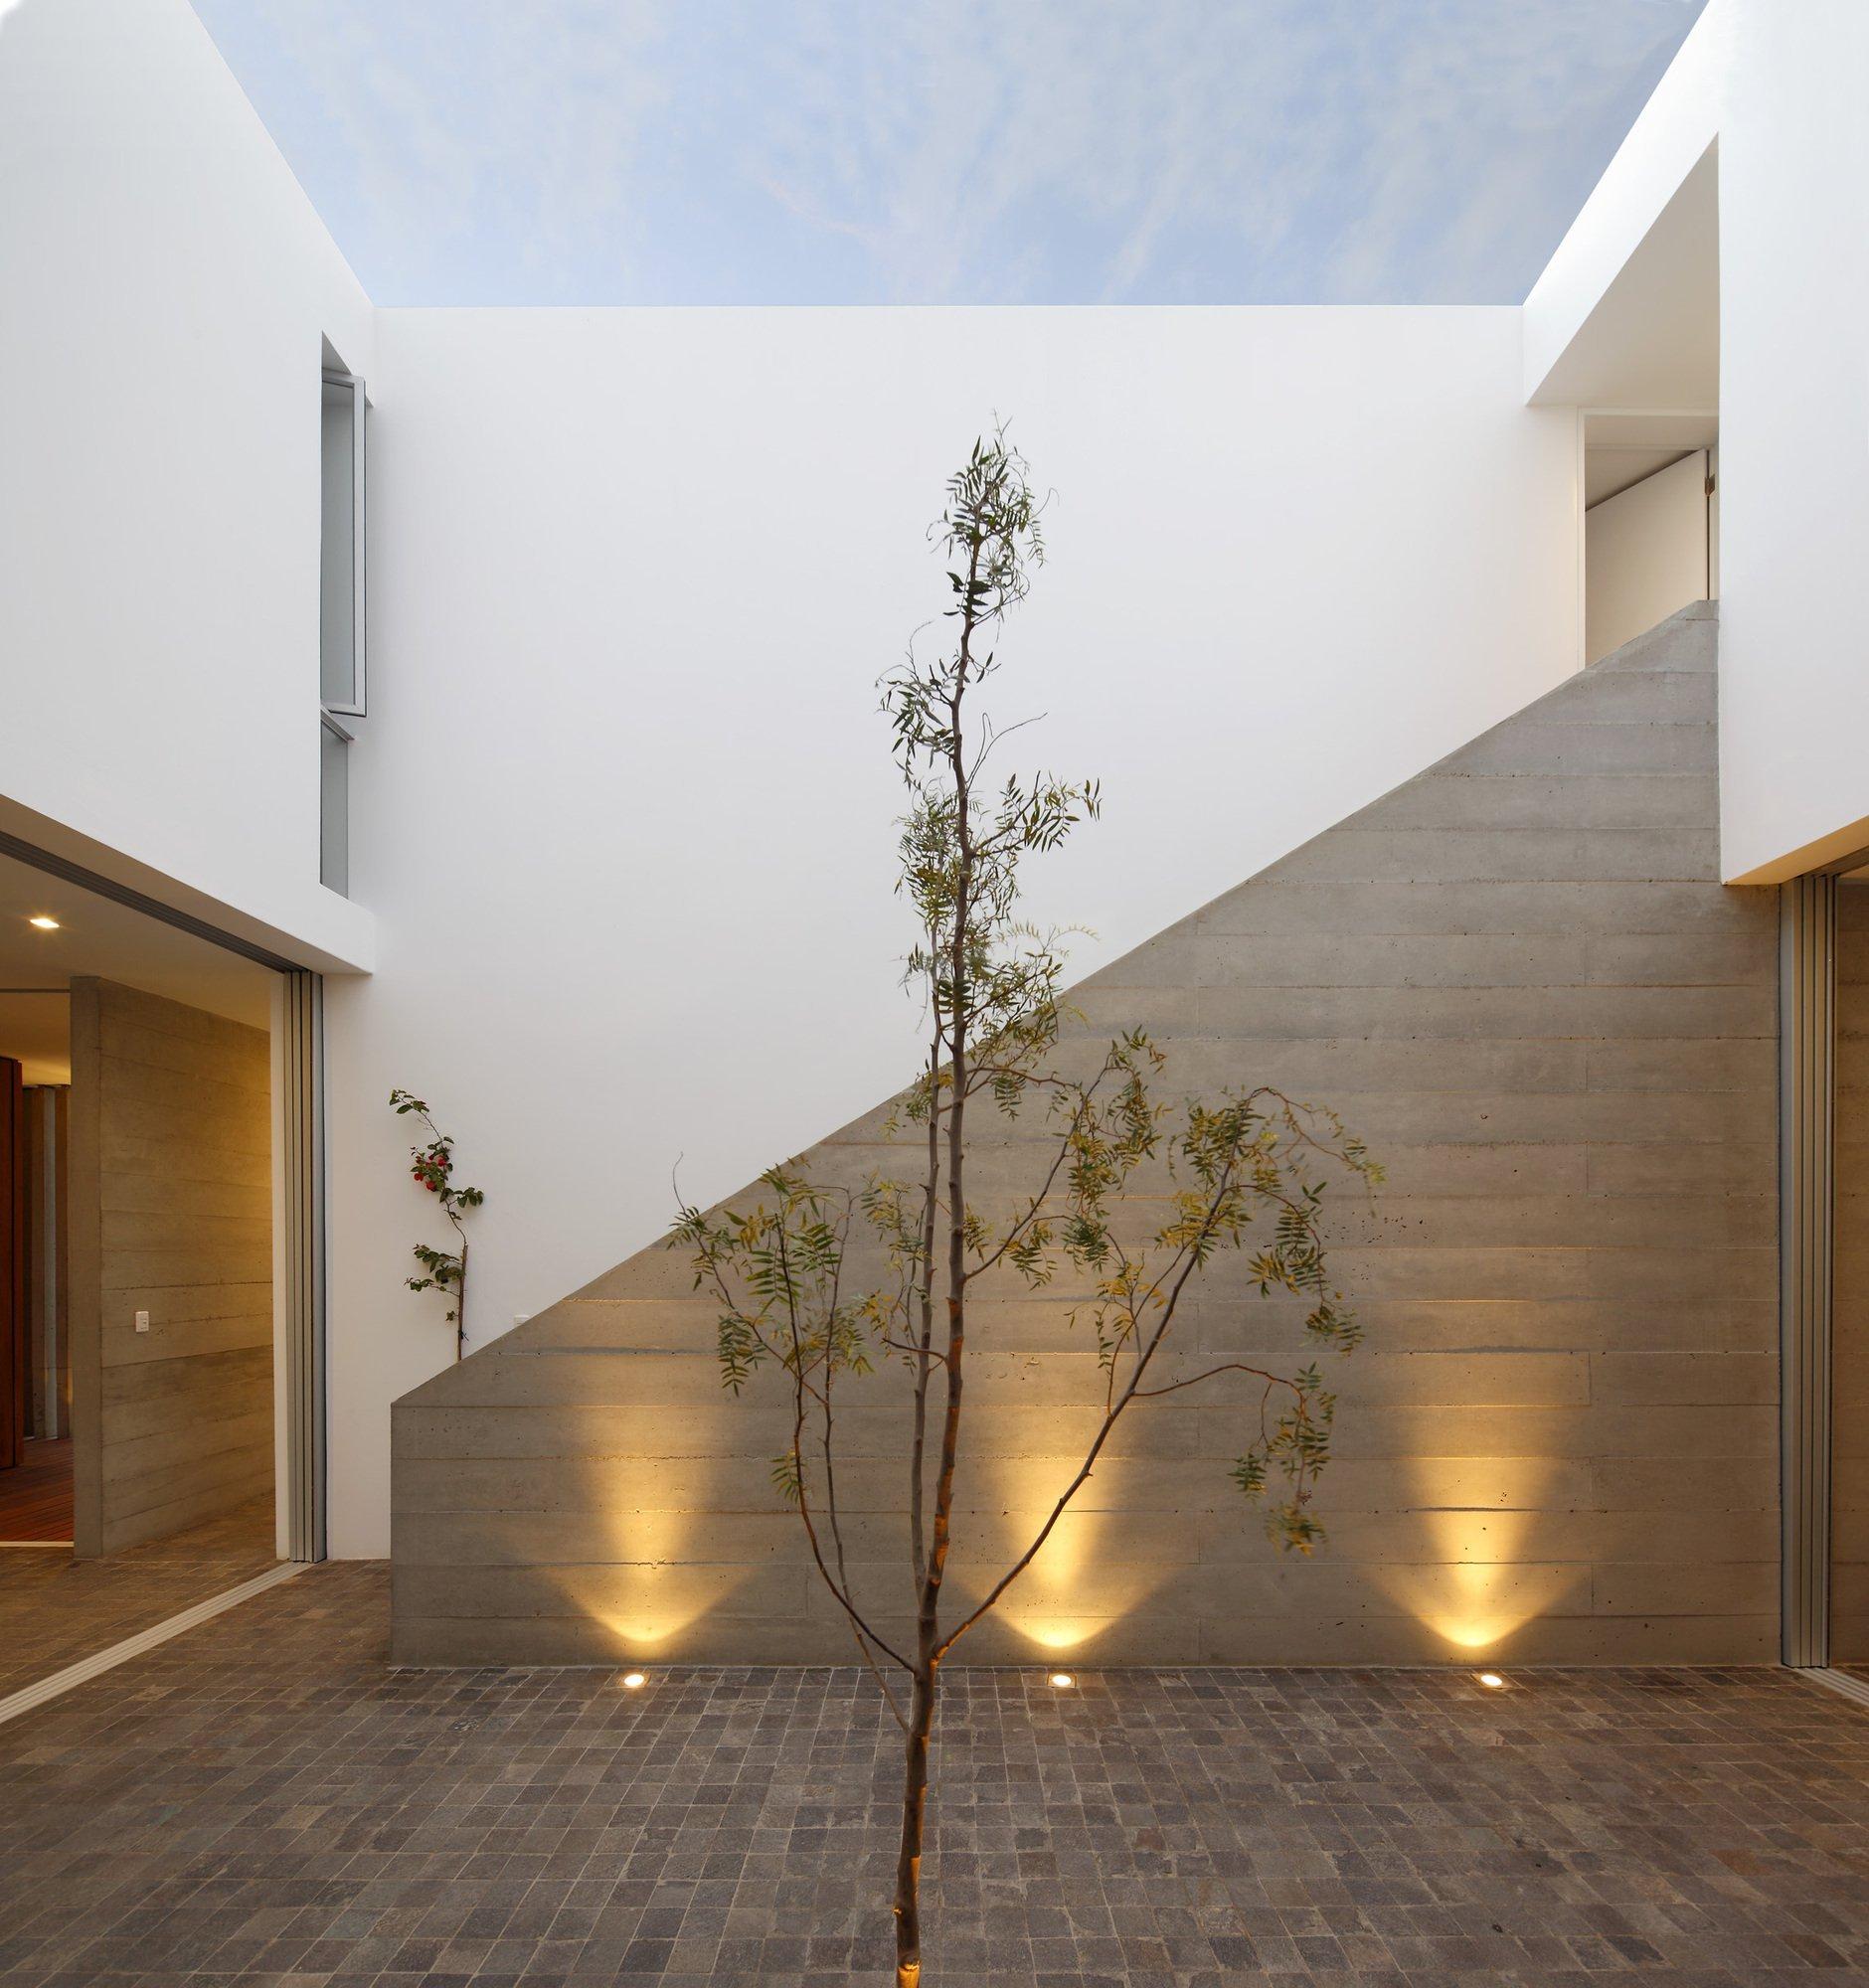 Galer a de casa la isla llosa cortegana arquitectos 13 for Decoracion de iluminacion interior